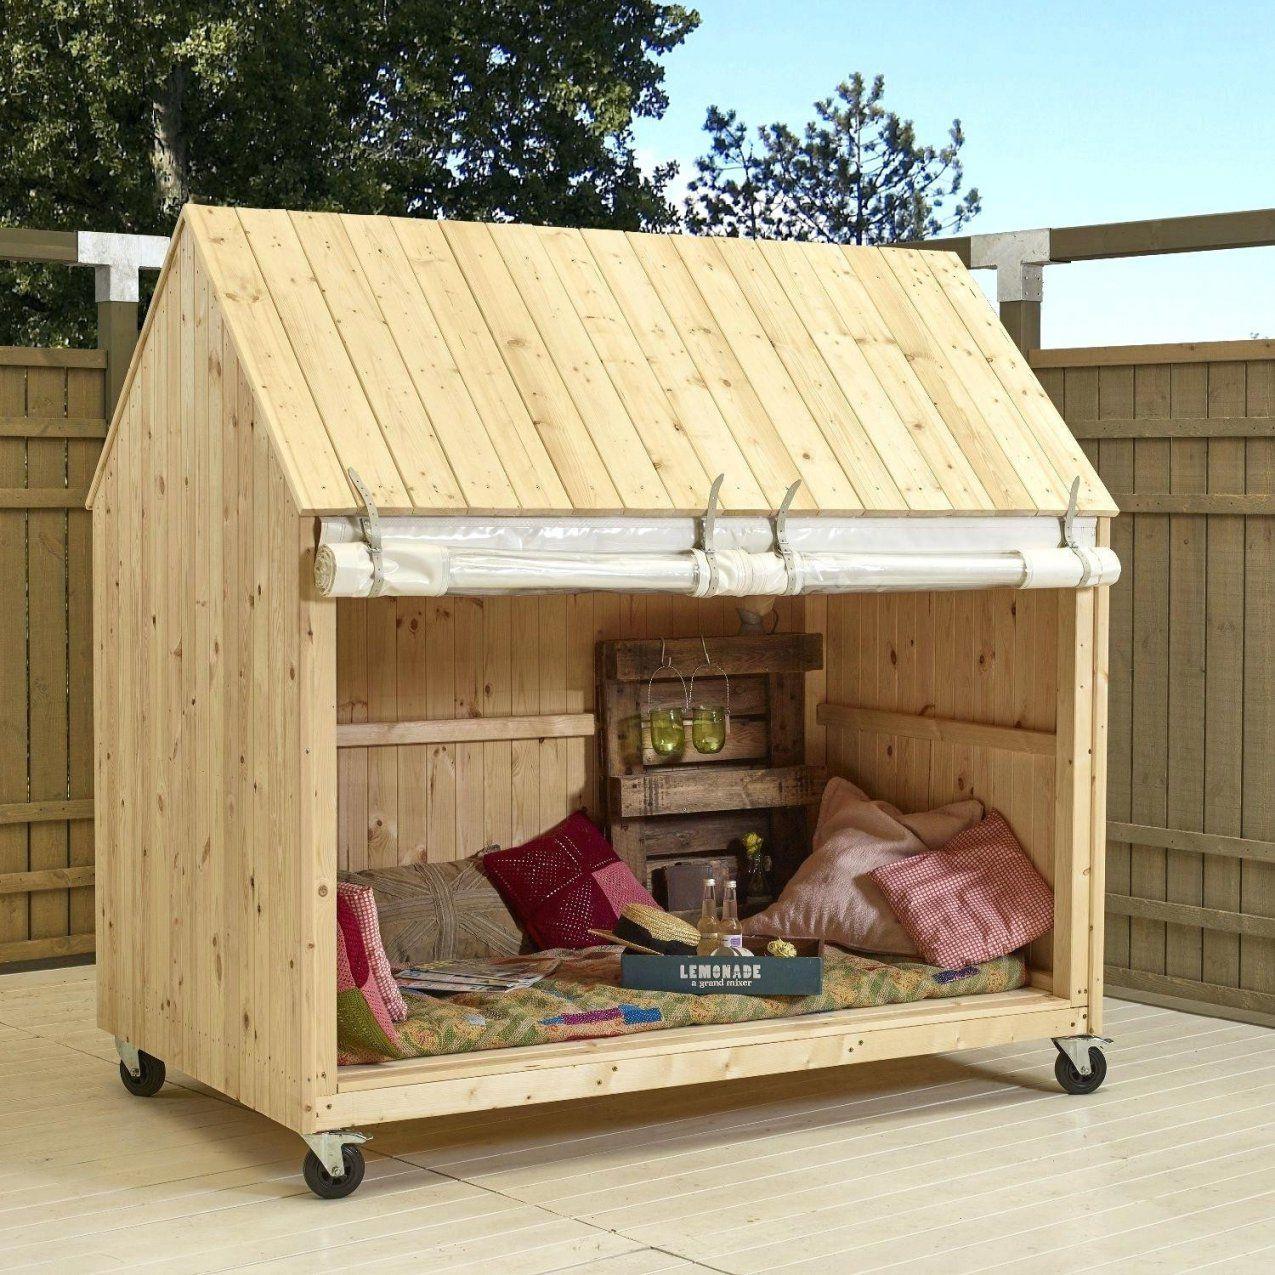 Spannende Kinder Holzhaus Selber Bauen Spielhaus Kinder Details Zu von Gartenhaus Kinder Selber Bauen Bild